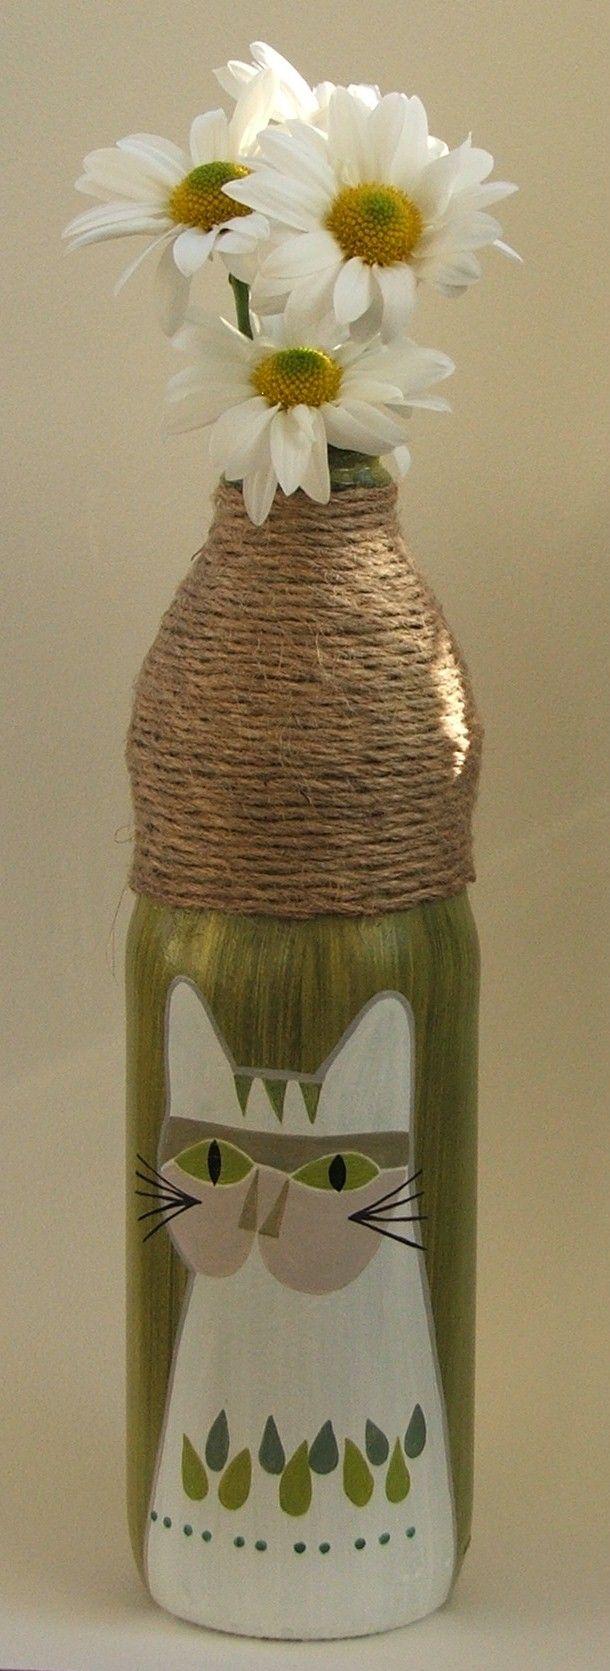 botella pintada amano